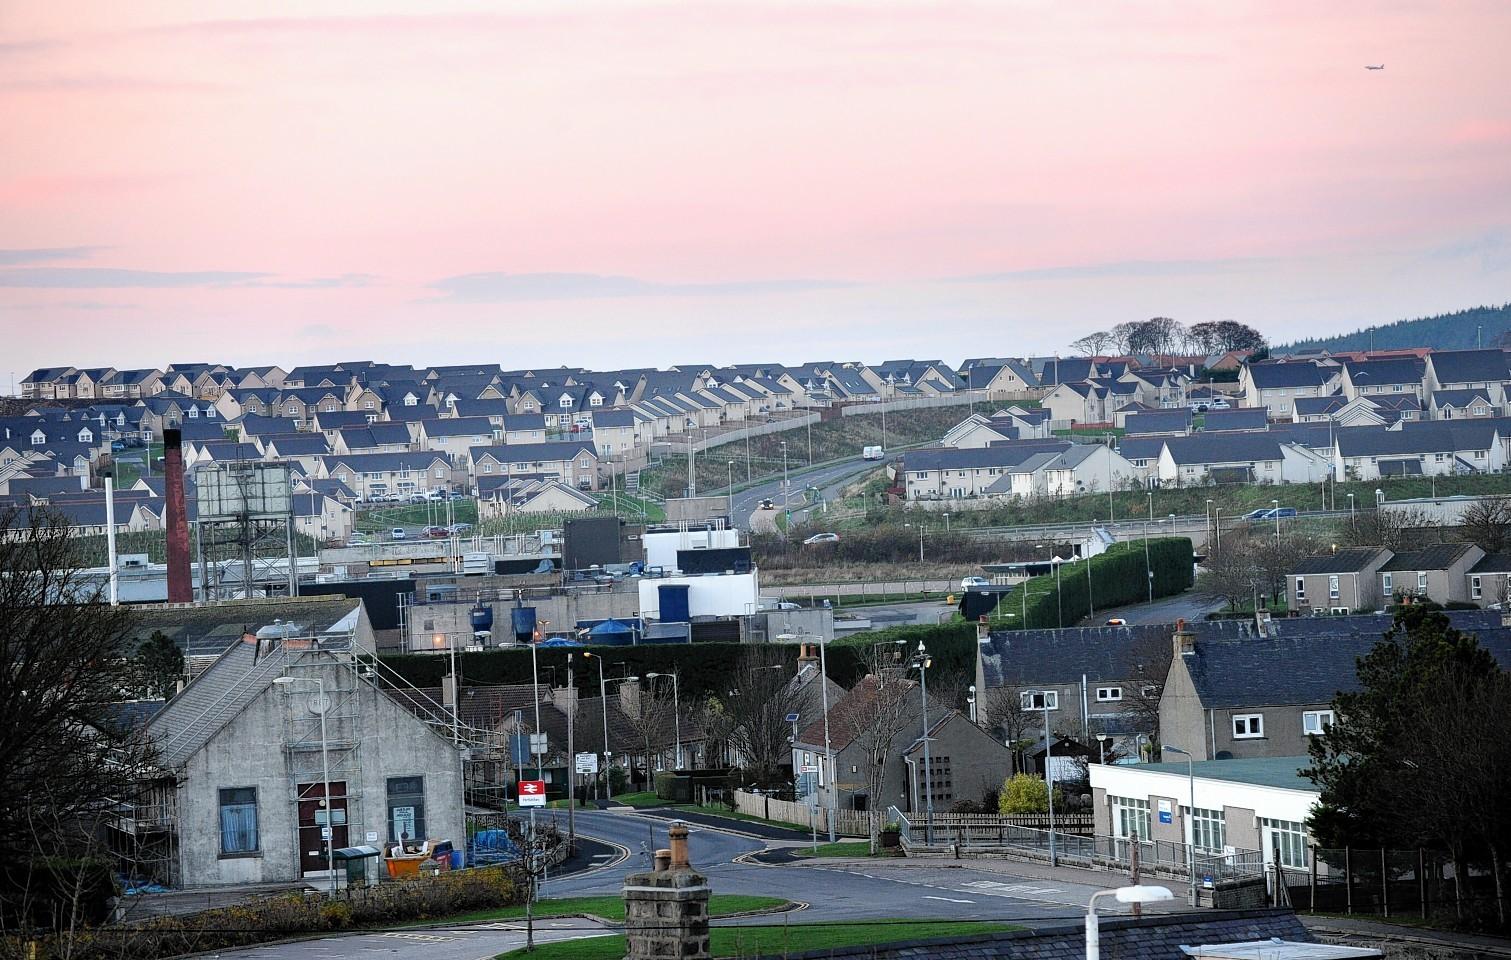 Stewart Milne housing at Portlethen